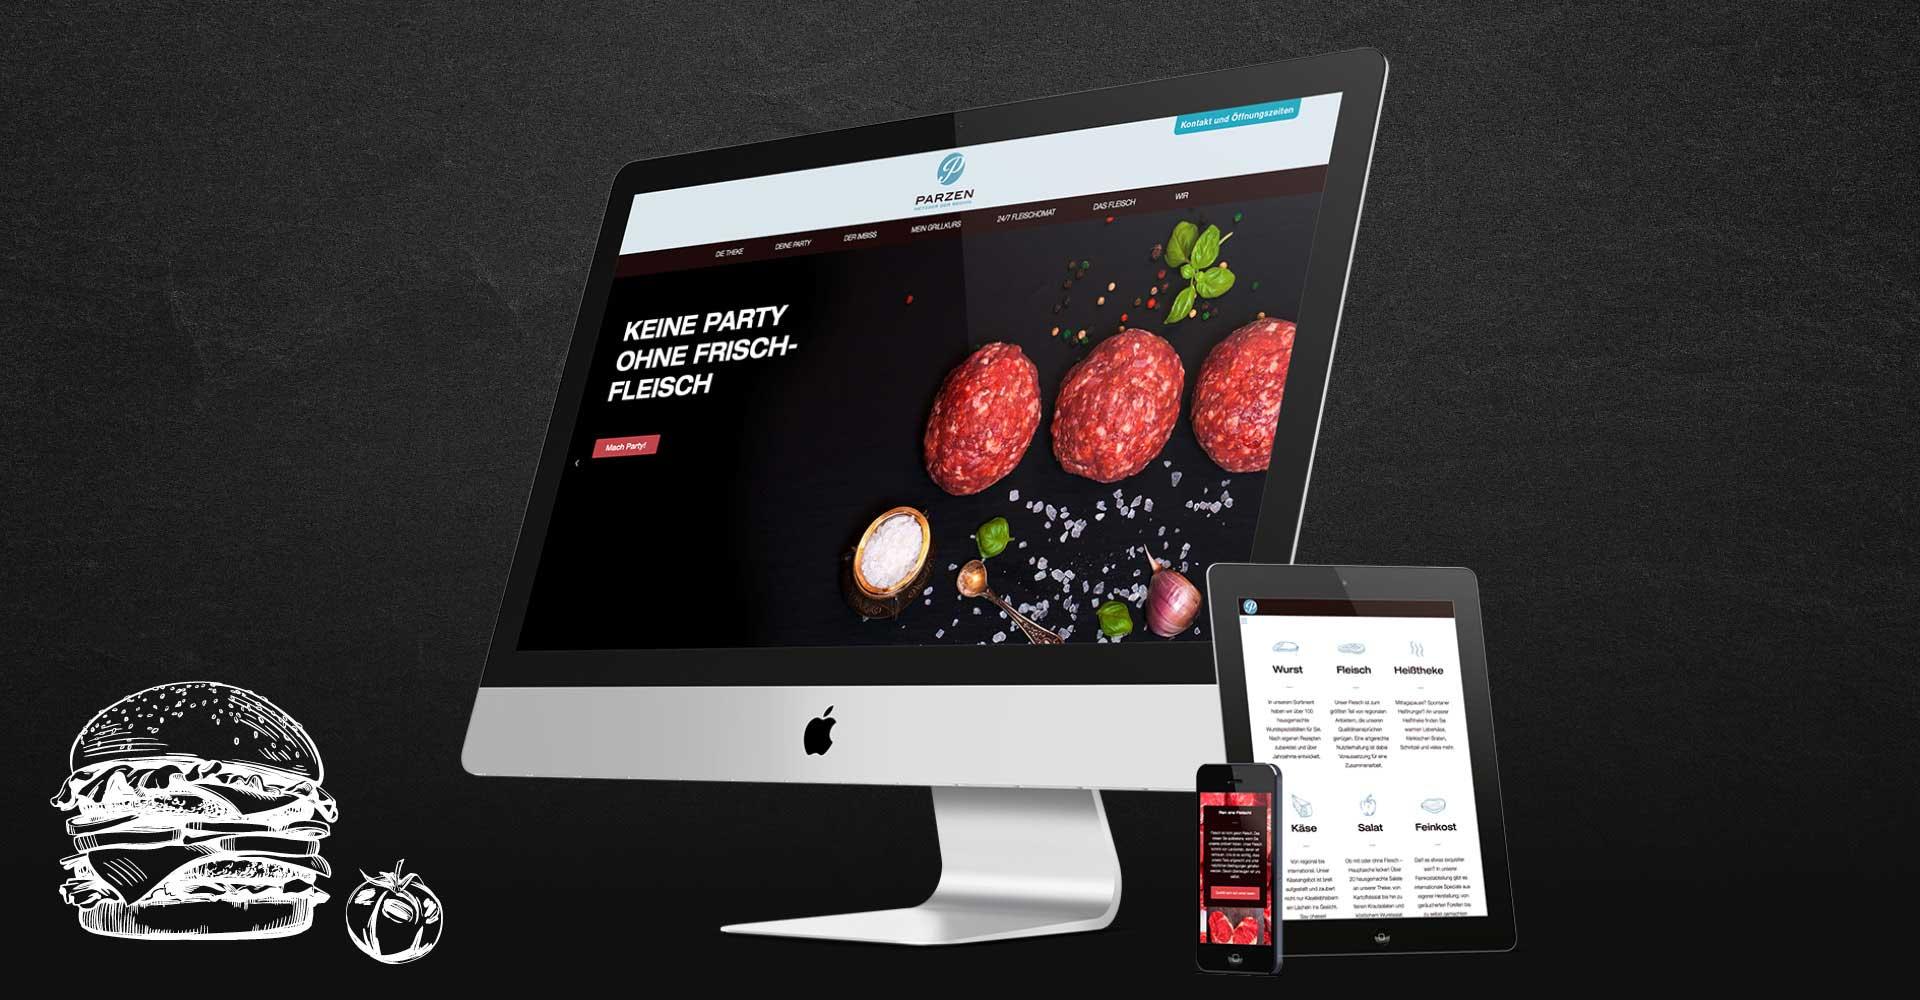 OPUS Marketing / Projekte / Metzgerei Parzen / Website / responsive